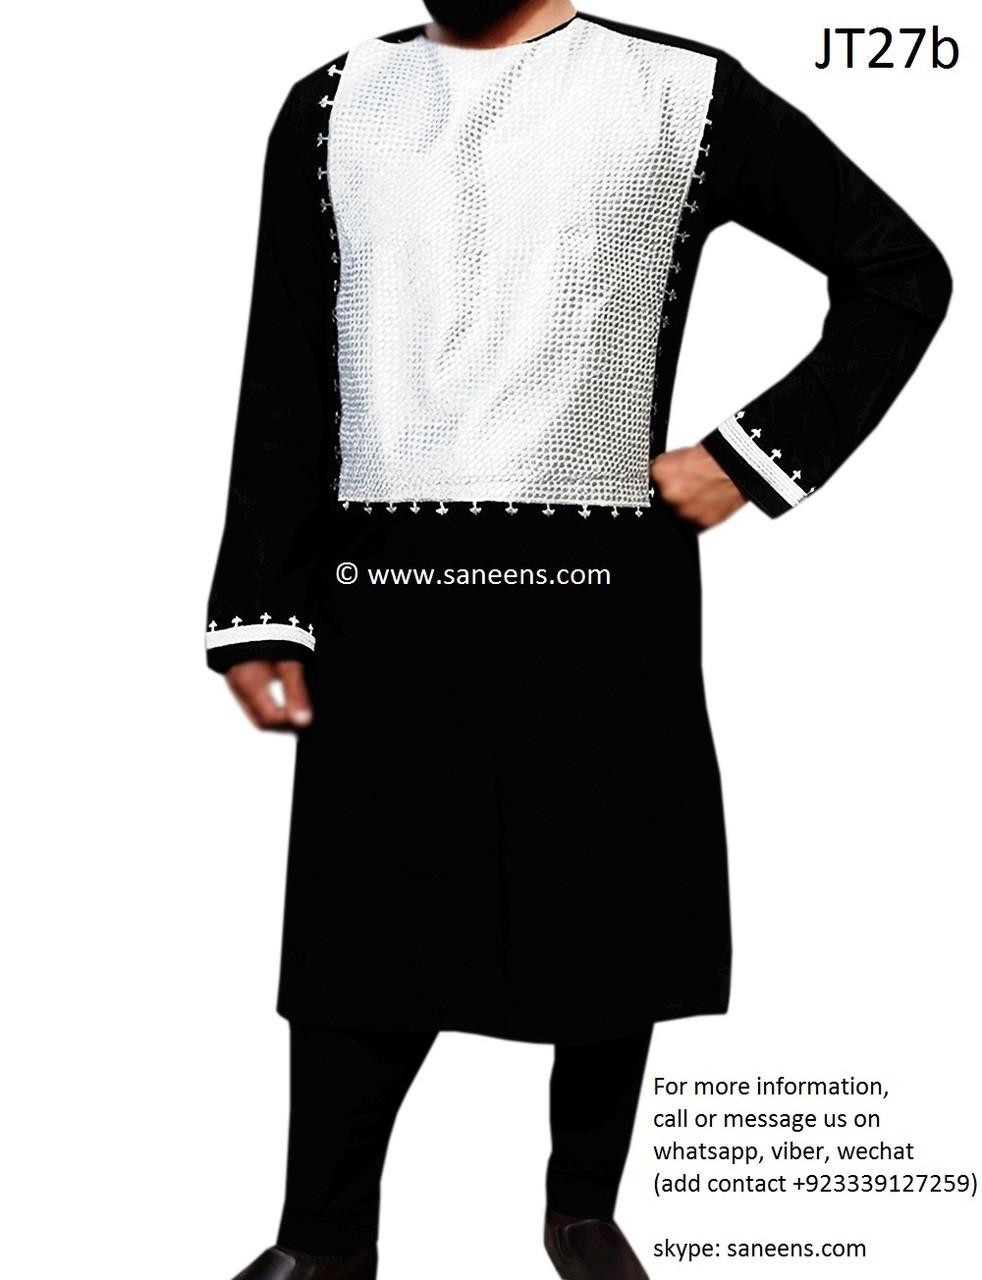 Clothing customization if u want plz add my wechat my WECHAT id